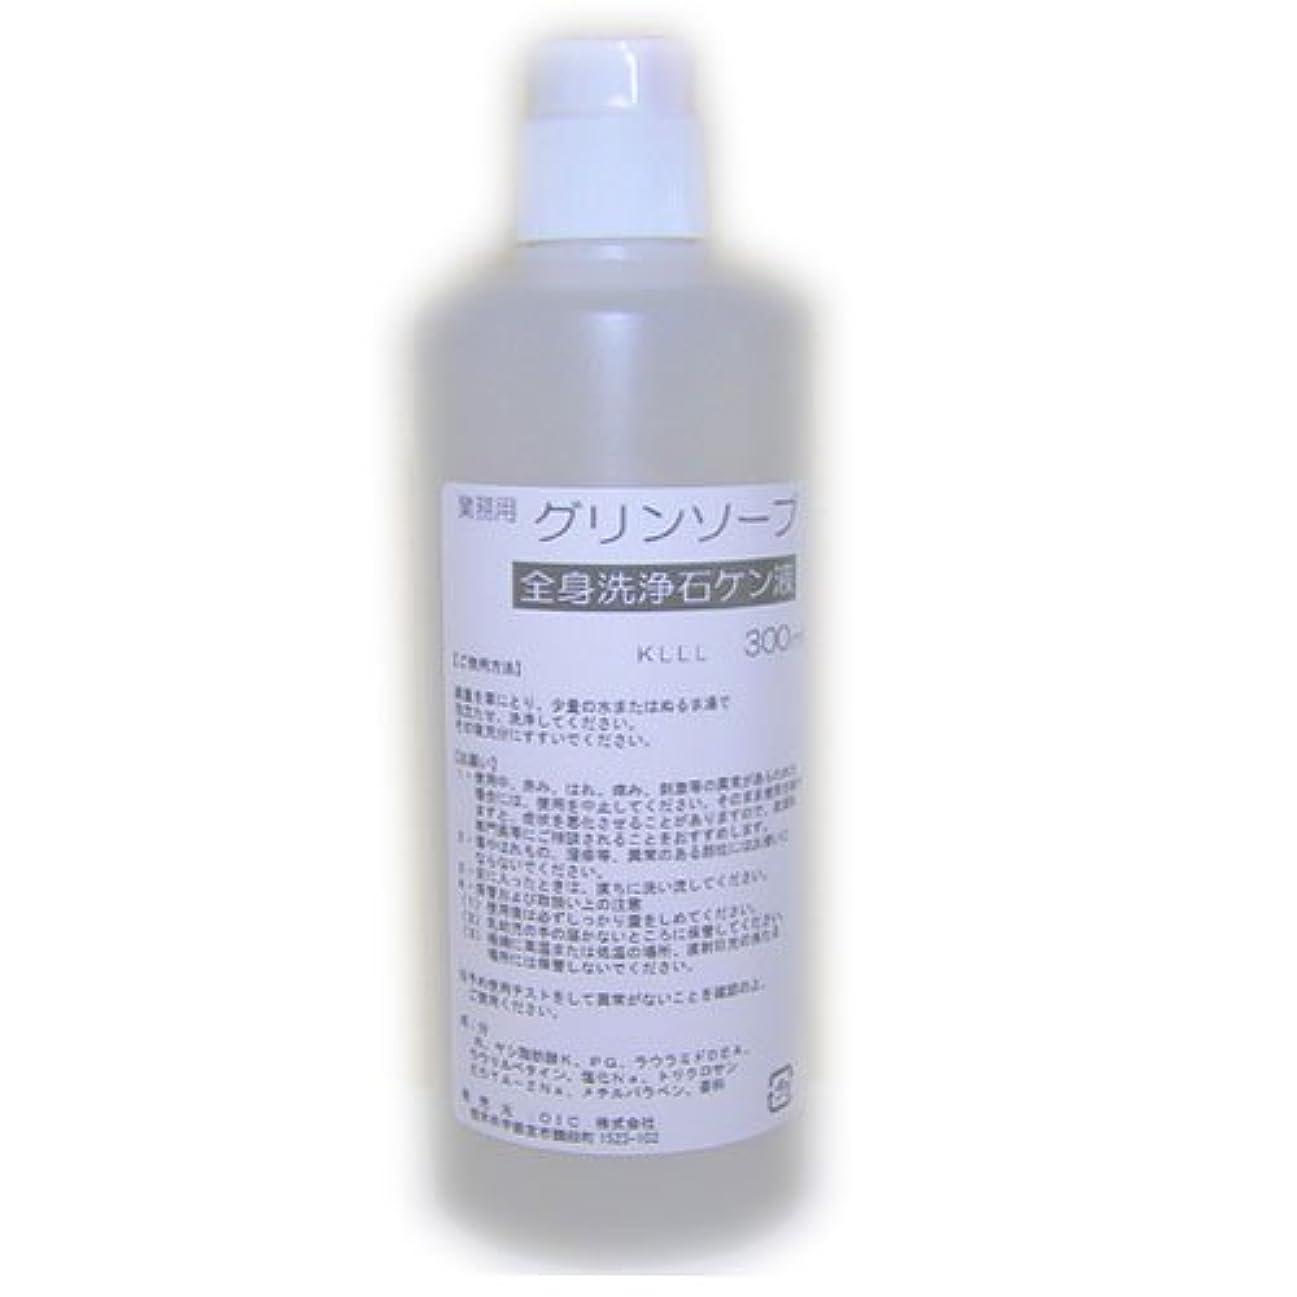 にぎやか危険にさらされているレッドデート業務用ボディソープ 殺菌成分配合?消毒石鹸液 グリンソープ (300ml)